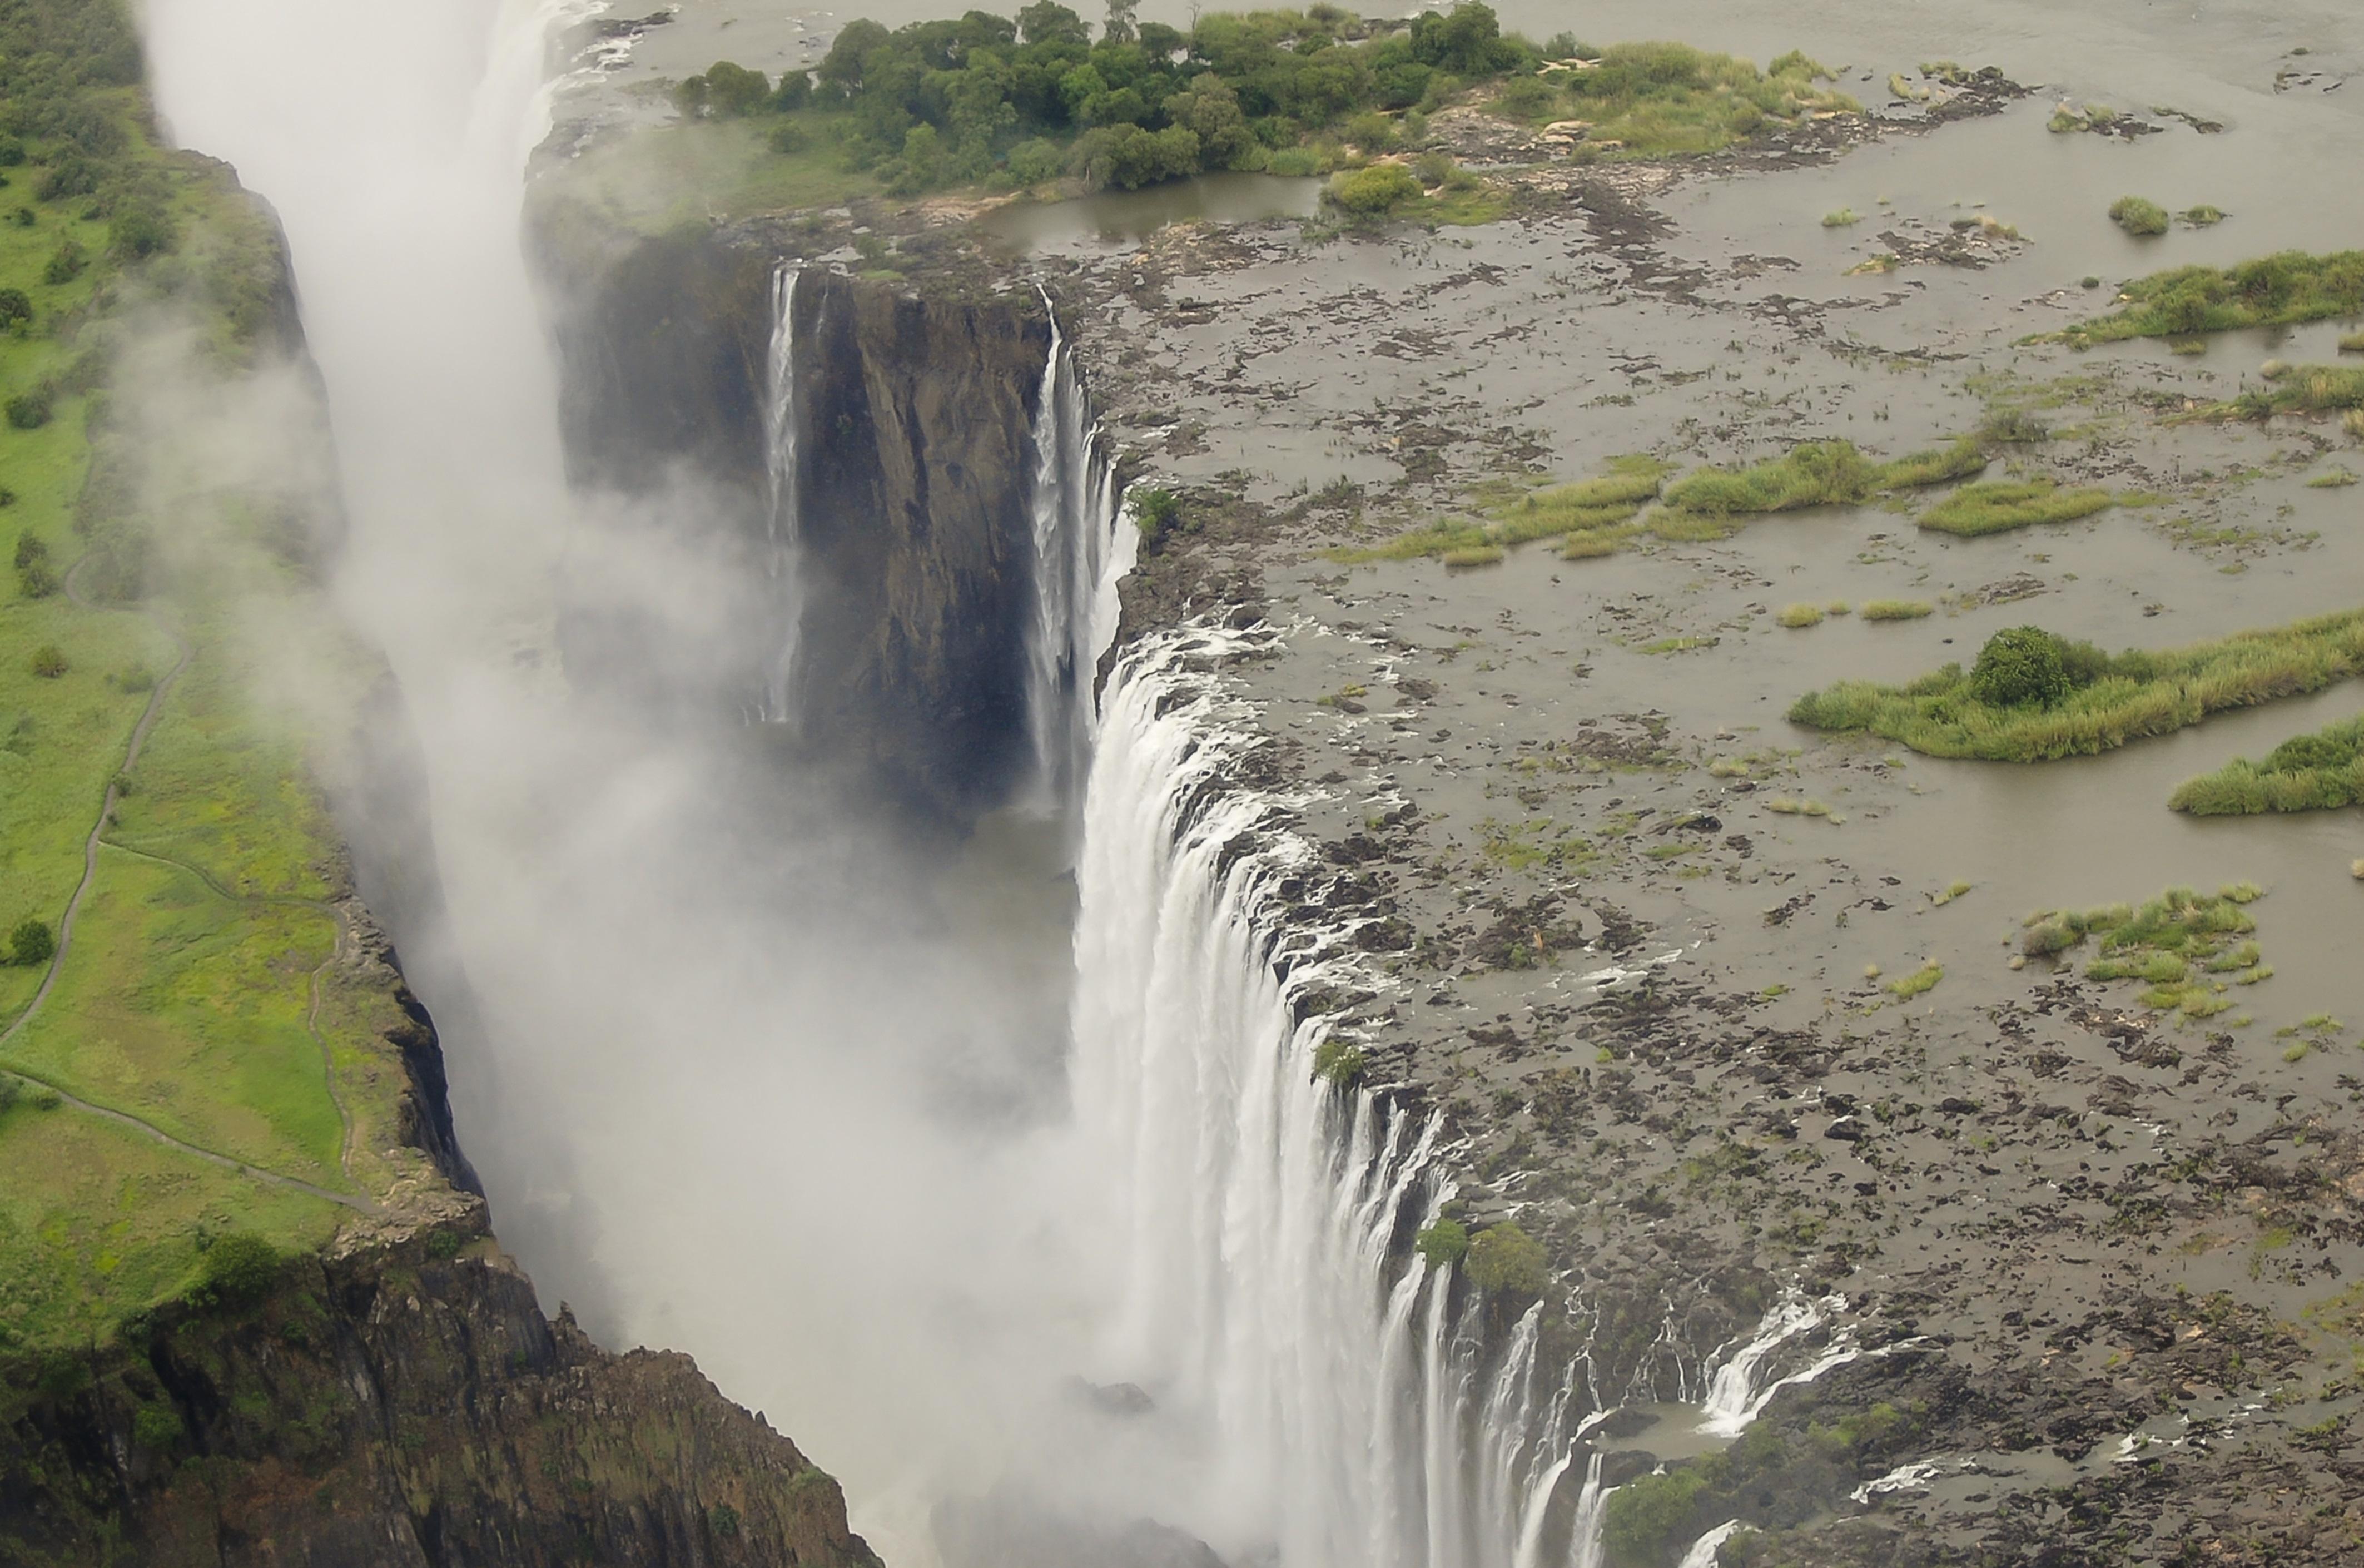 דרום אפריקה -  משמורות הטבע המדהימות ועד למפלי ויקטוריה העצומים